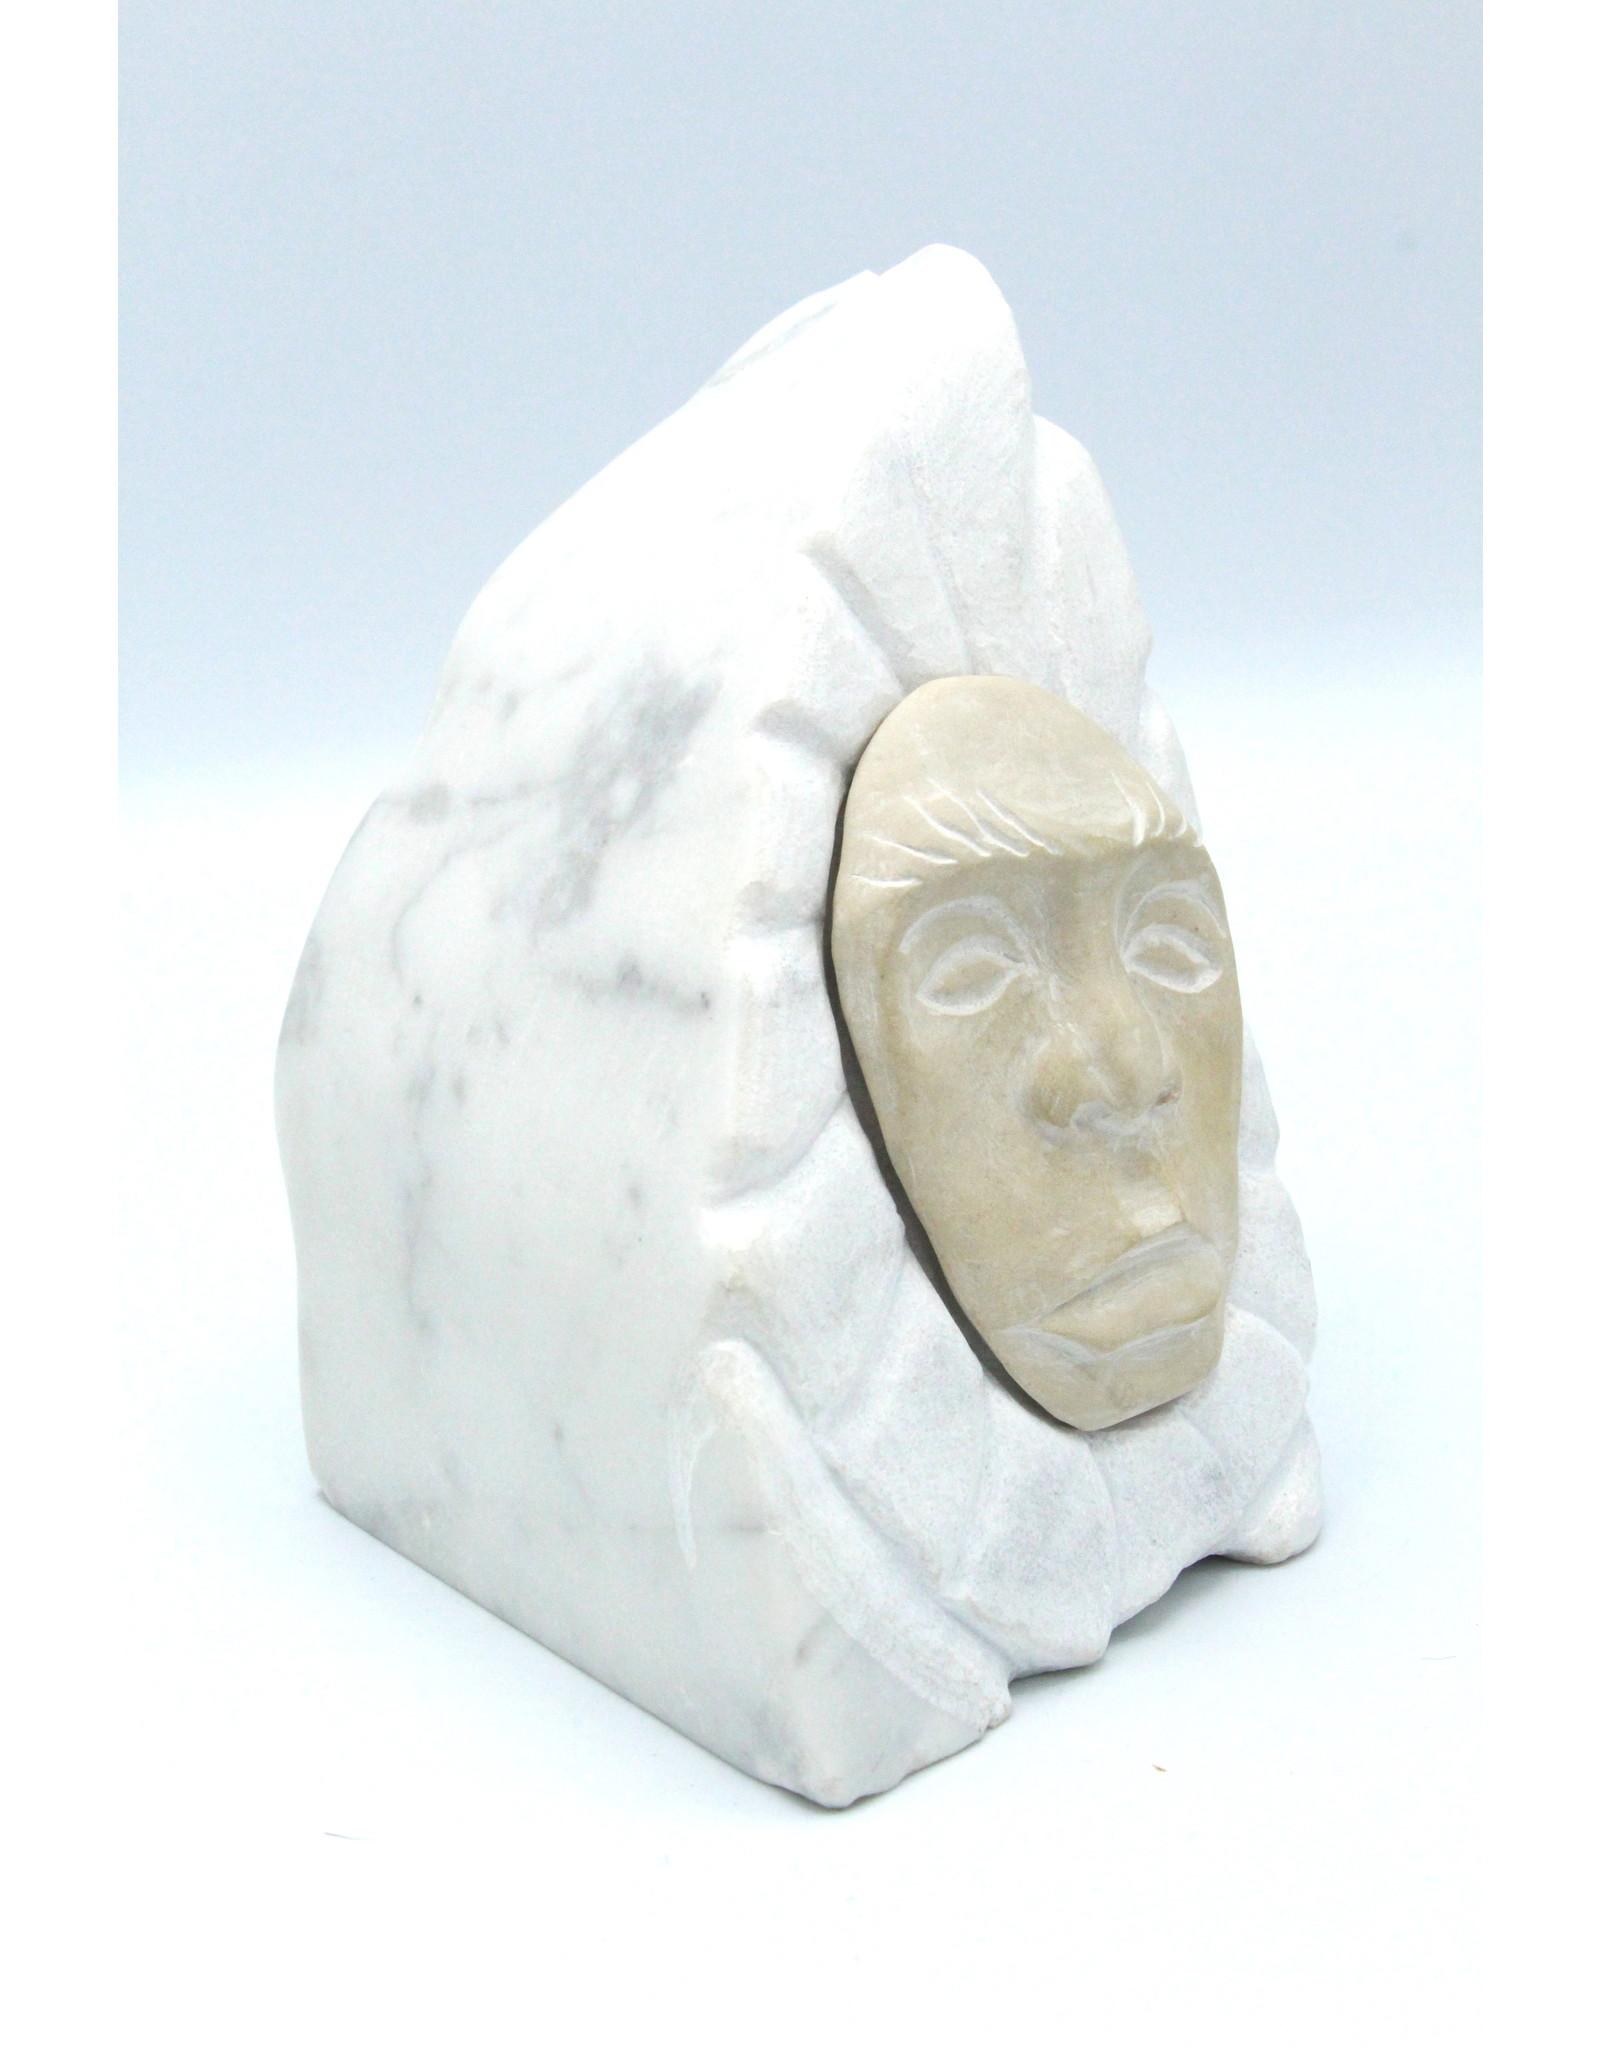 866001734  Face par Scott Goudie